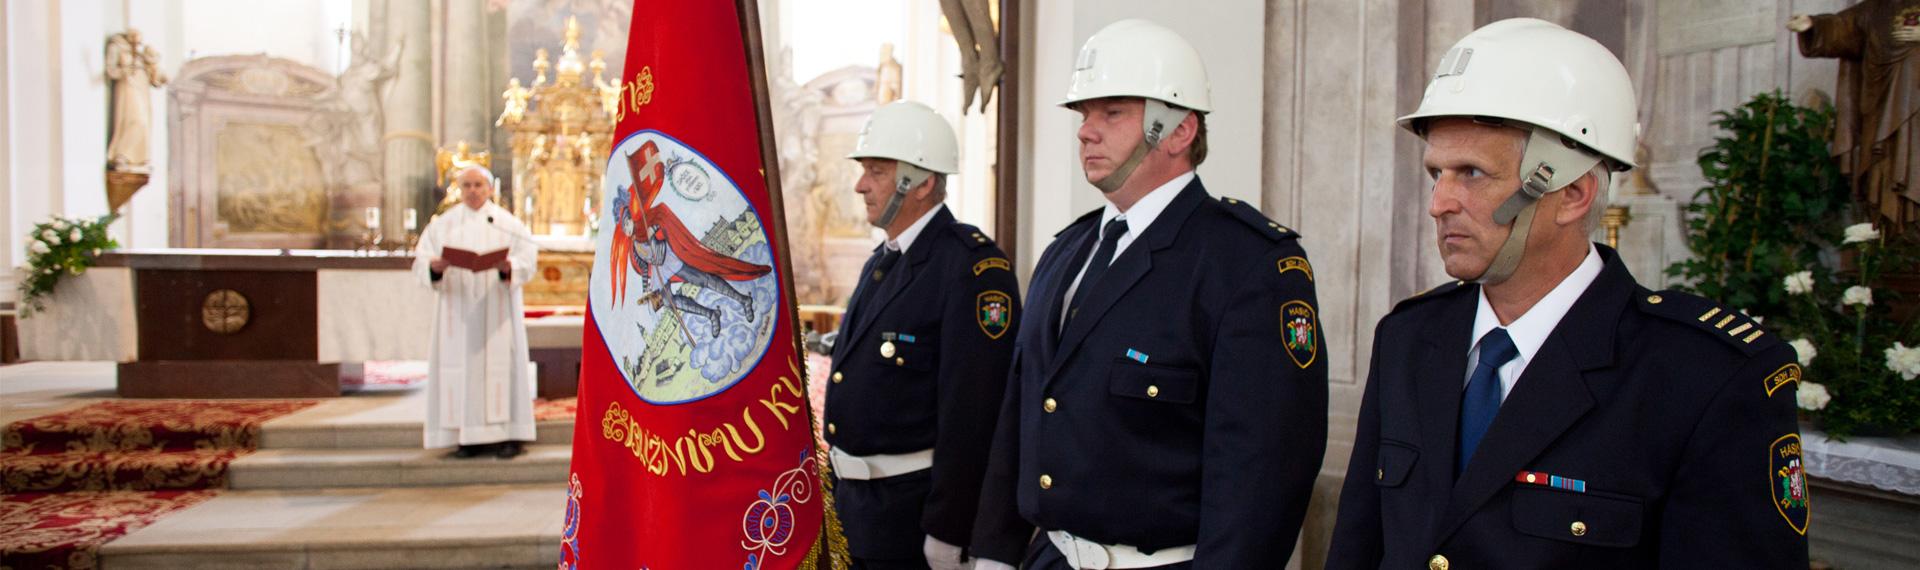 Bestickte feierliche Feuerwehrfahne und Band